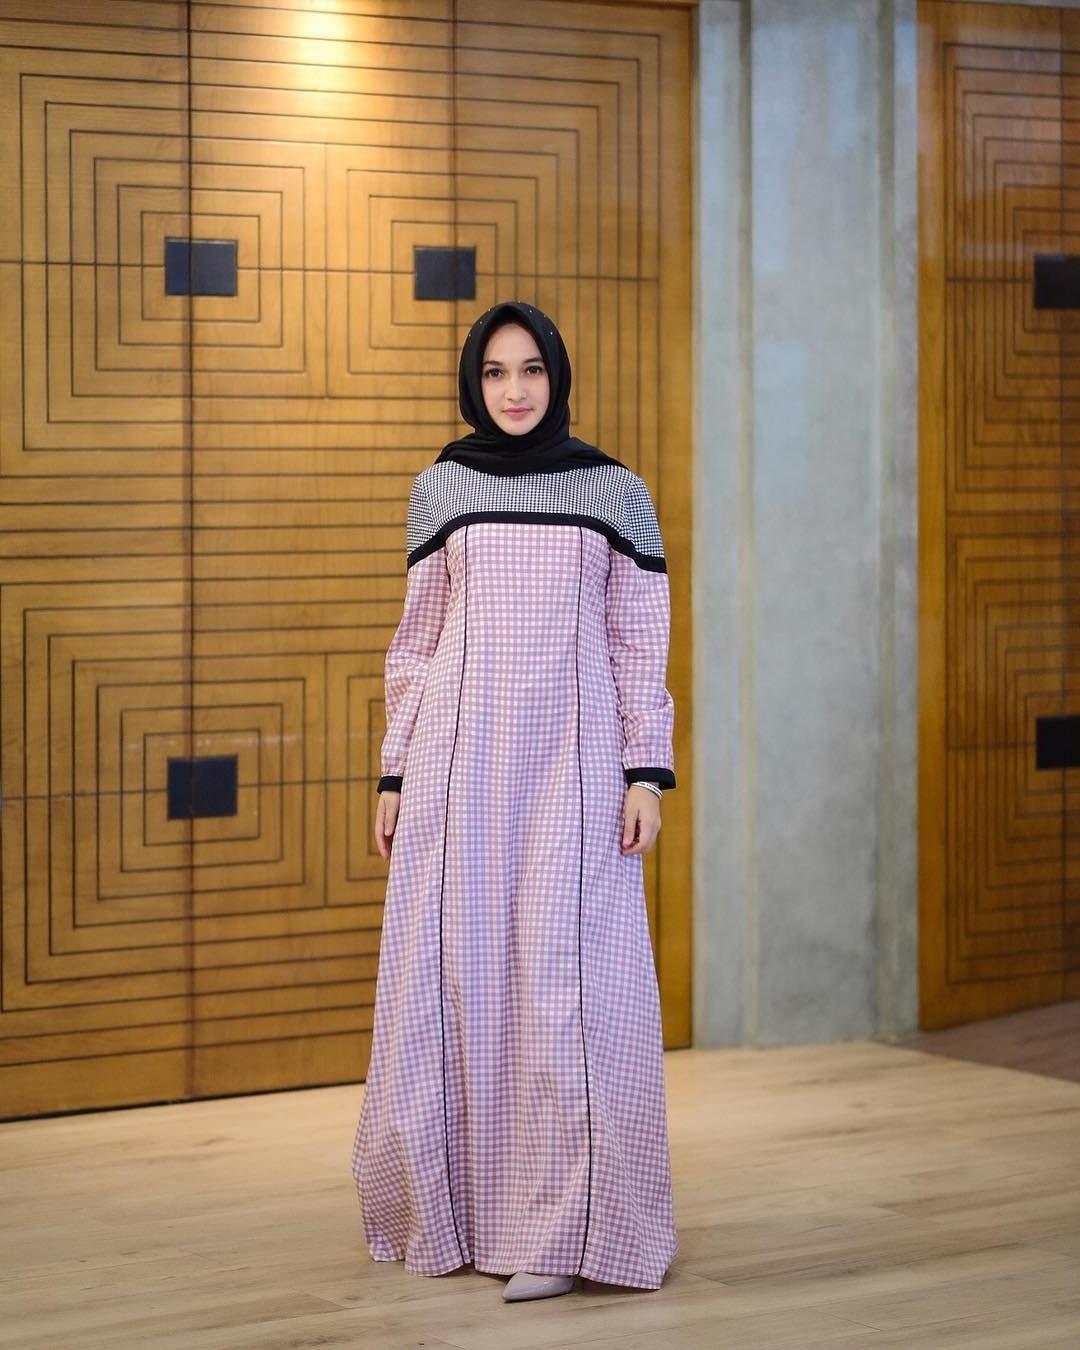 Design Contoh Model Baju Lebaran 2019 4pde Contoh Baju Gamis Terbaru 2019 Paling Populer – Model